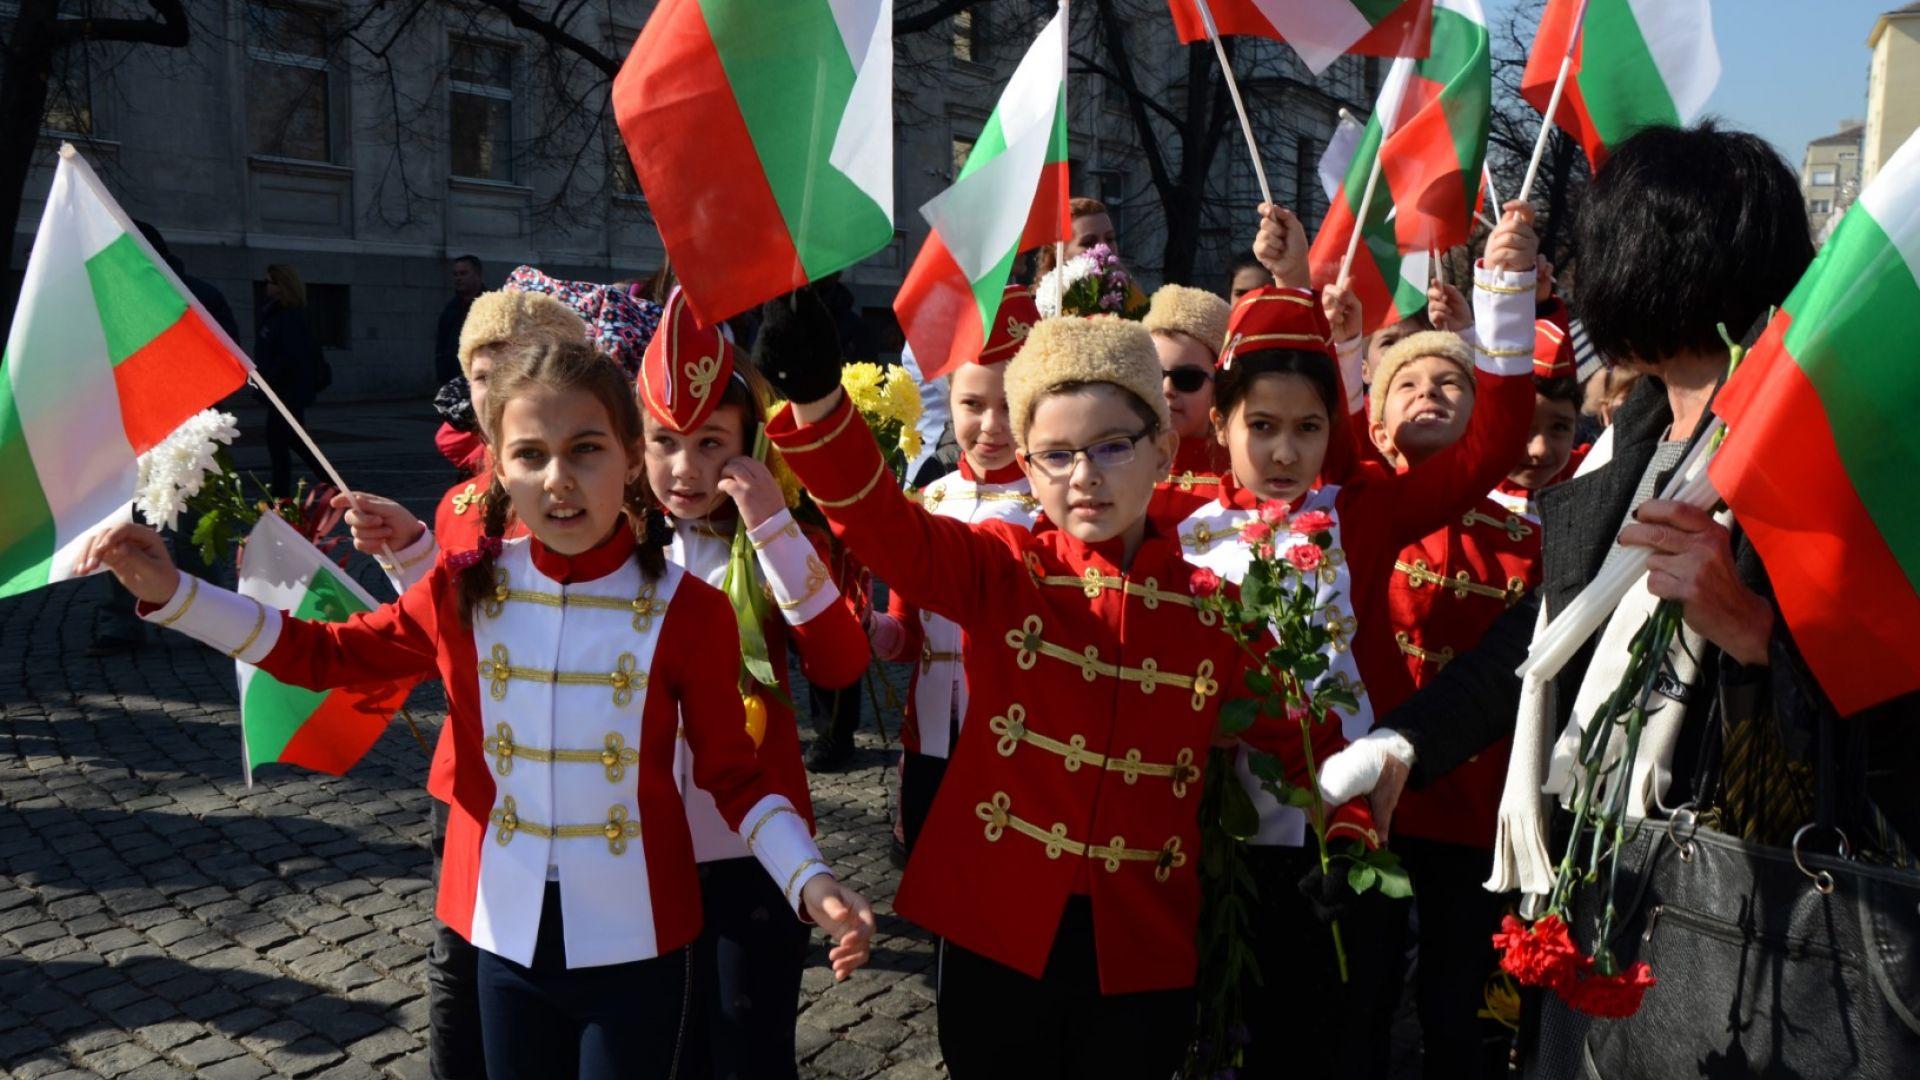 С възпоменателни прояви в цялата страна България отбелязва 146-тата годишнина